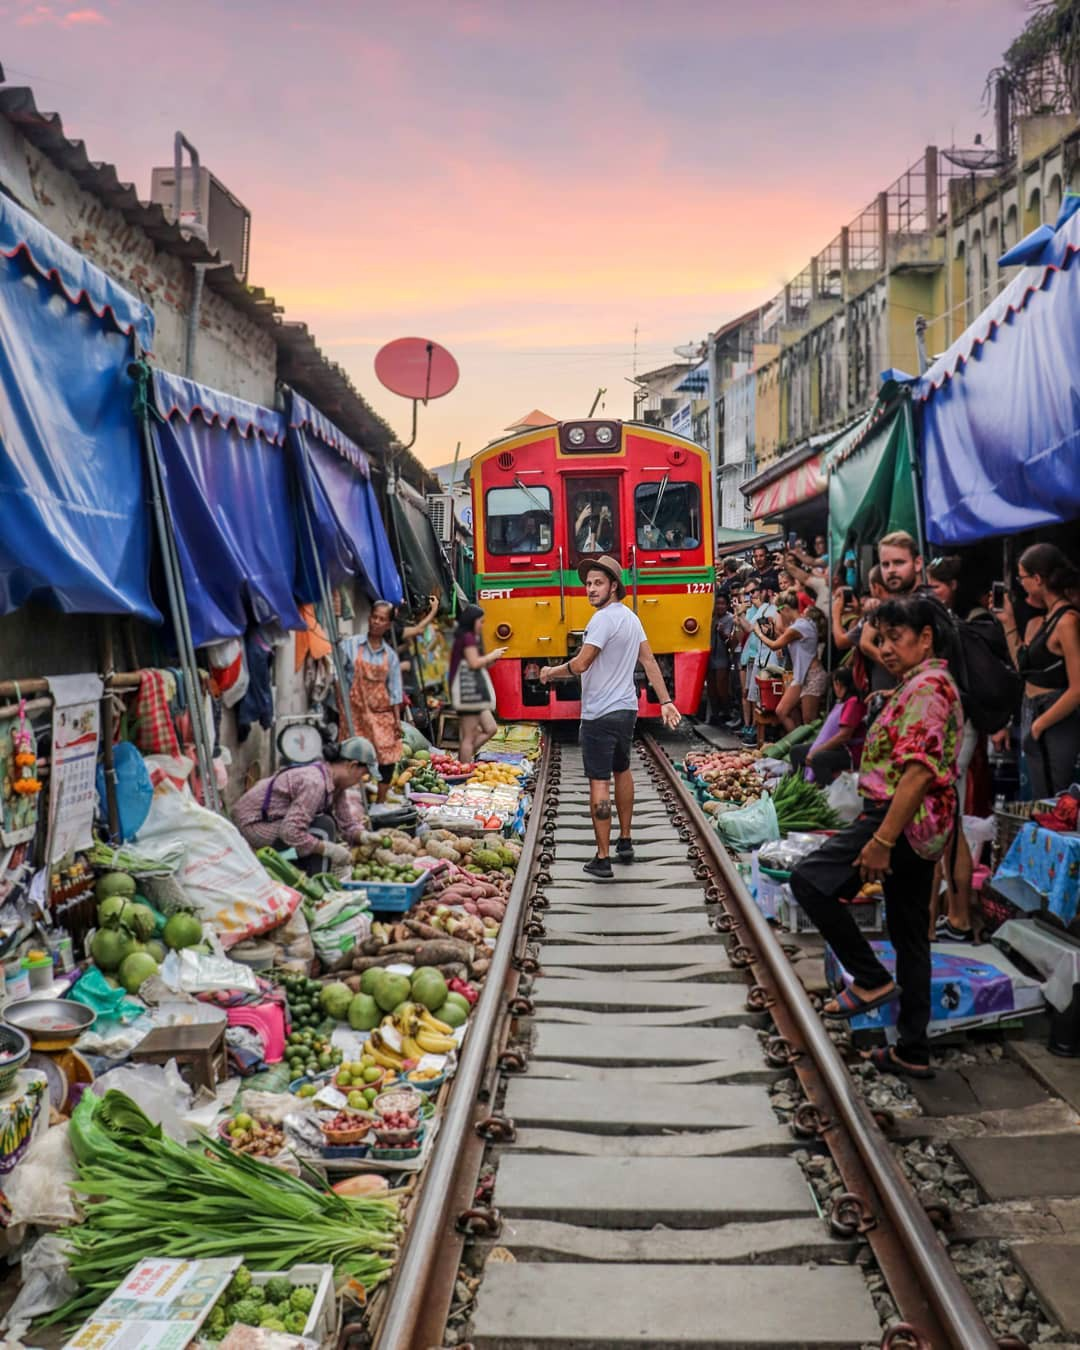 Đã dò ra đường đến khu chợ đường ray độc nhất vô nhị nằm ở ngoại ô Bangkok - Ảnh 3.